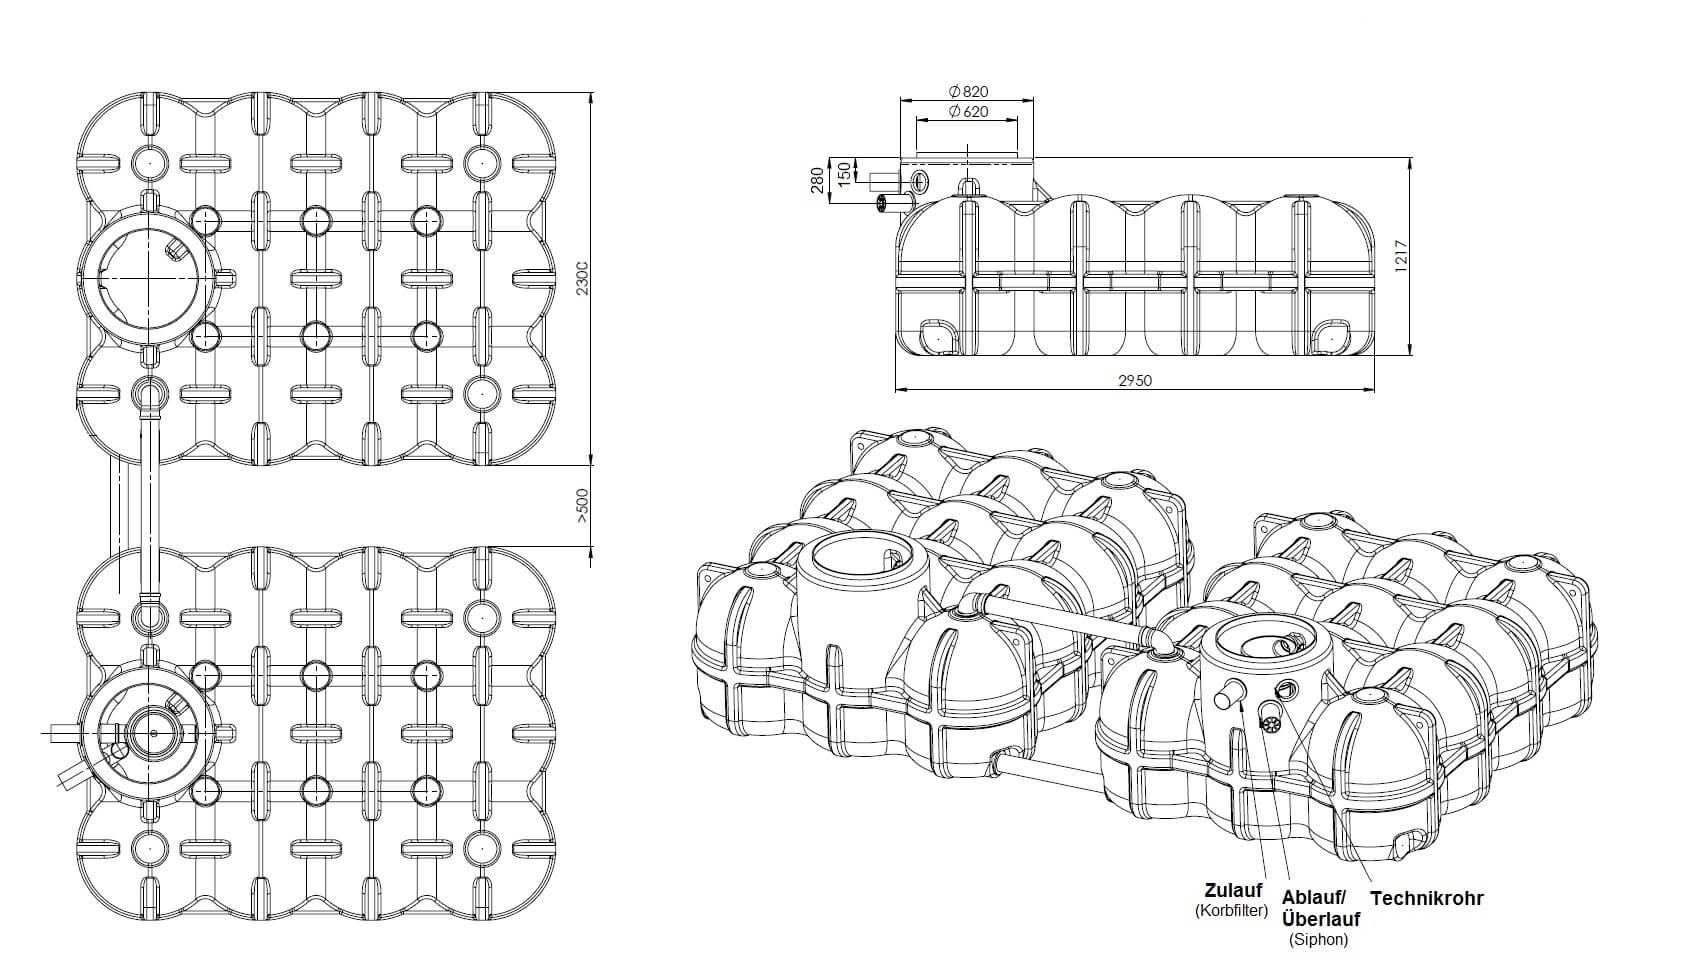 Flachtank Hudson 10000 Liter inkl. Gartenausstattung